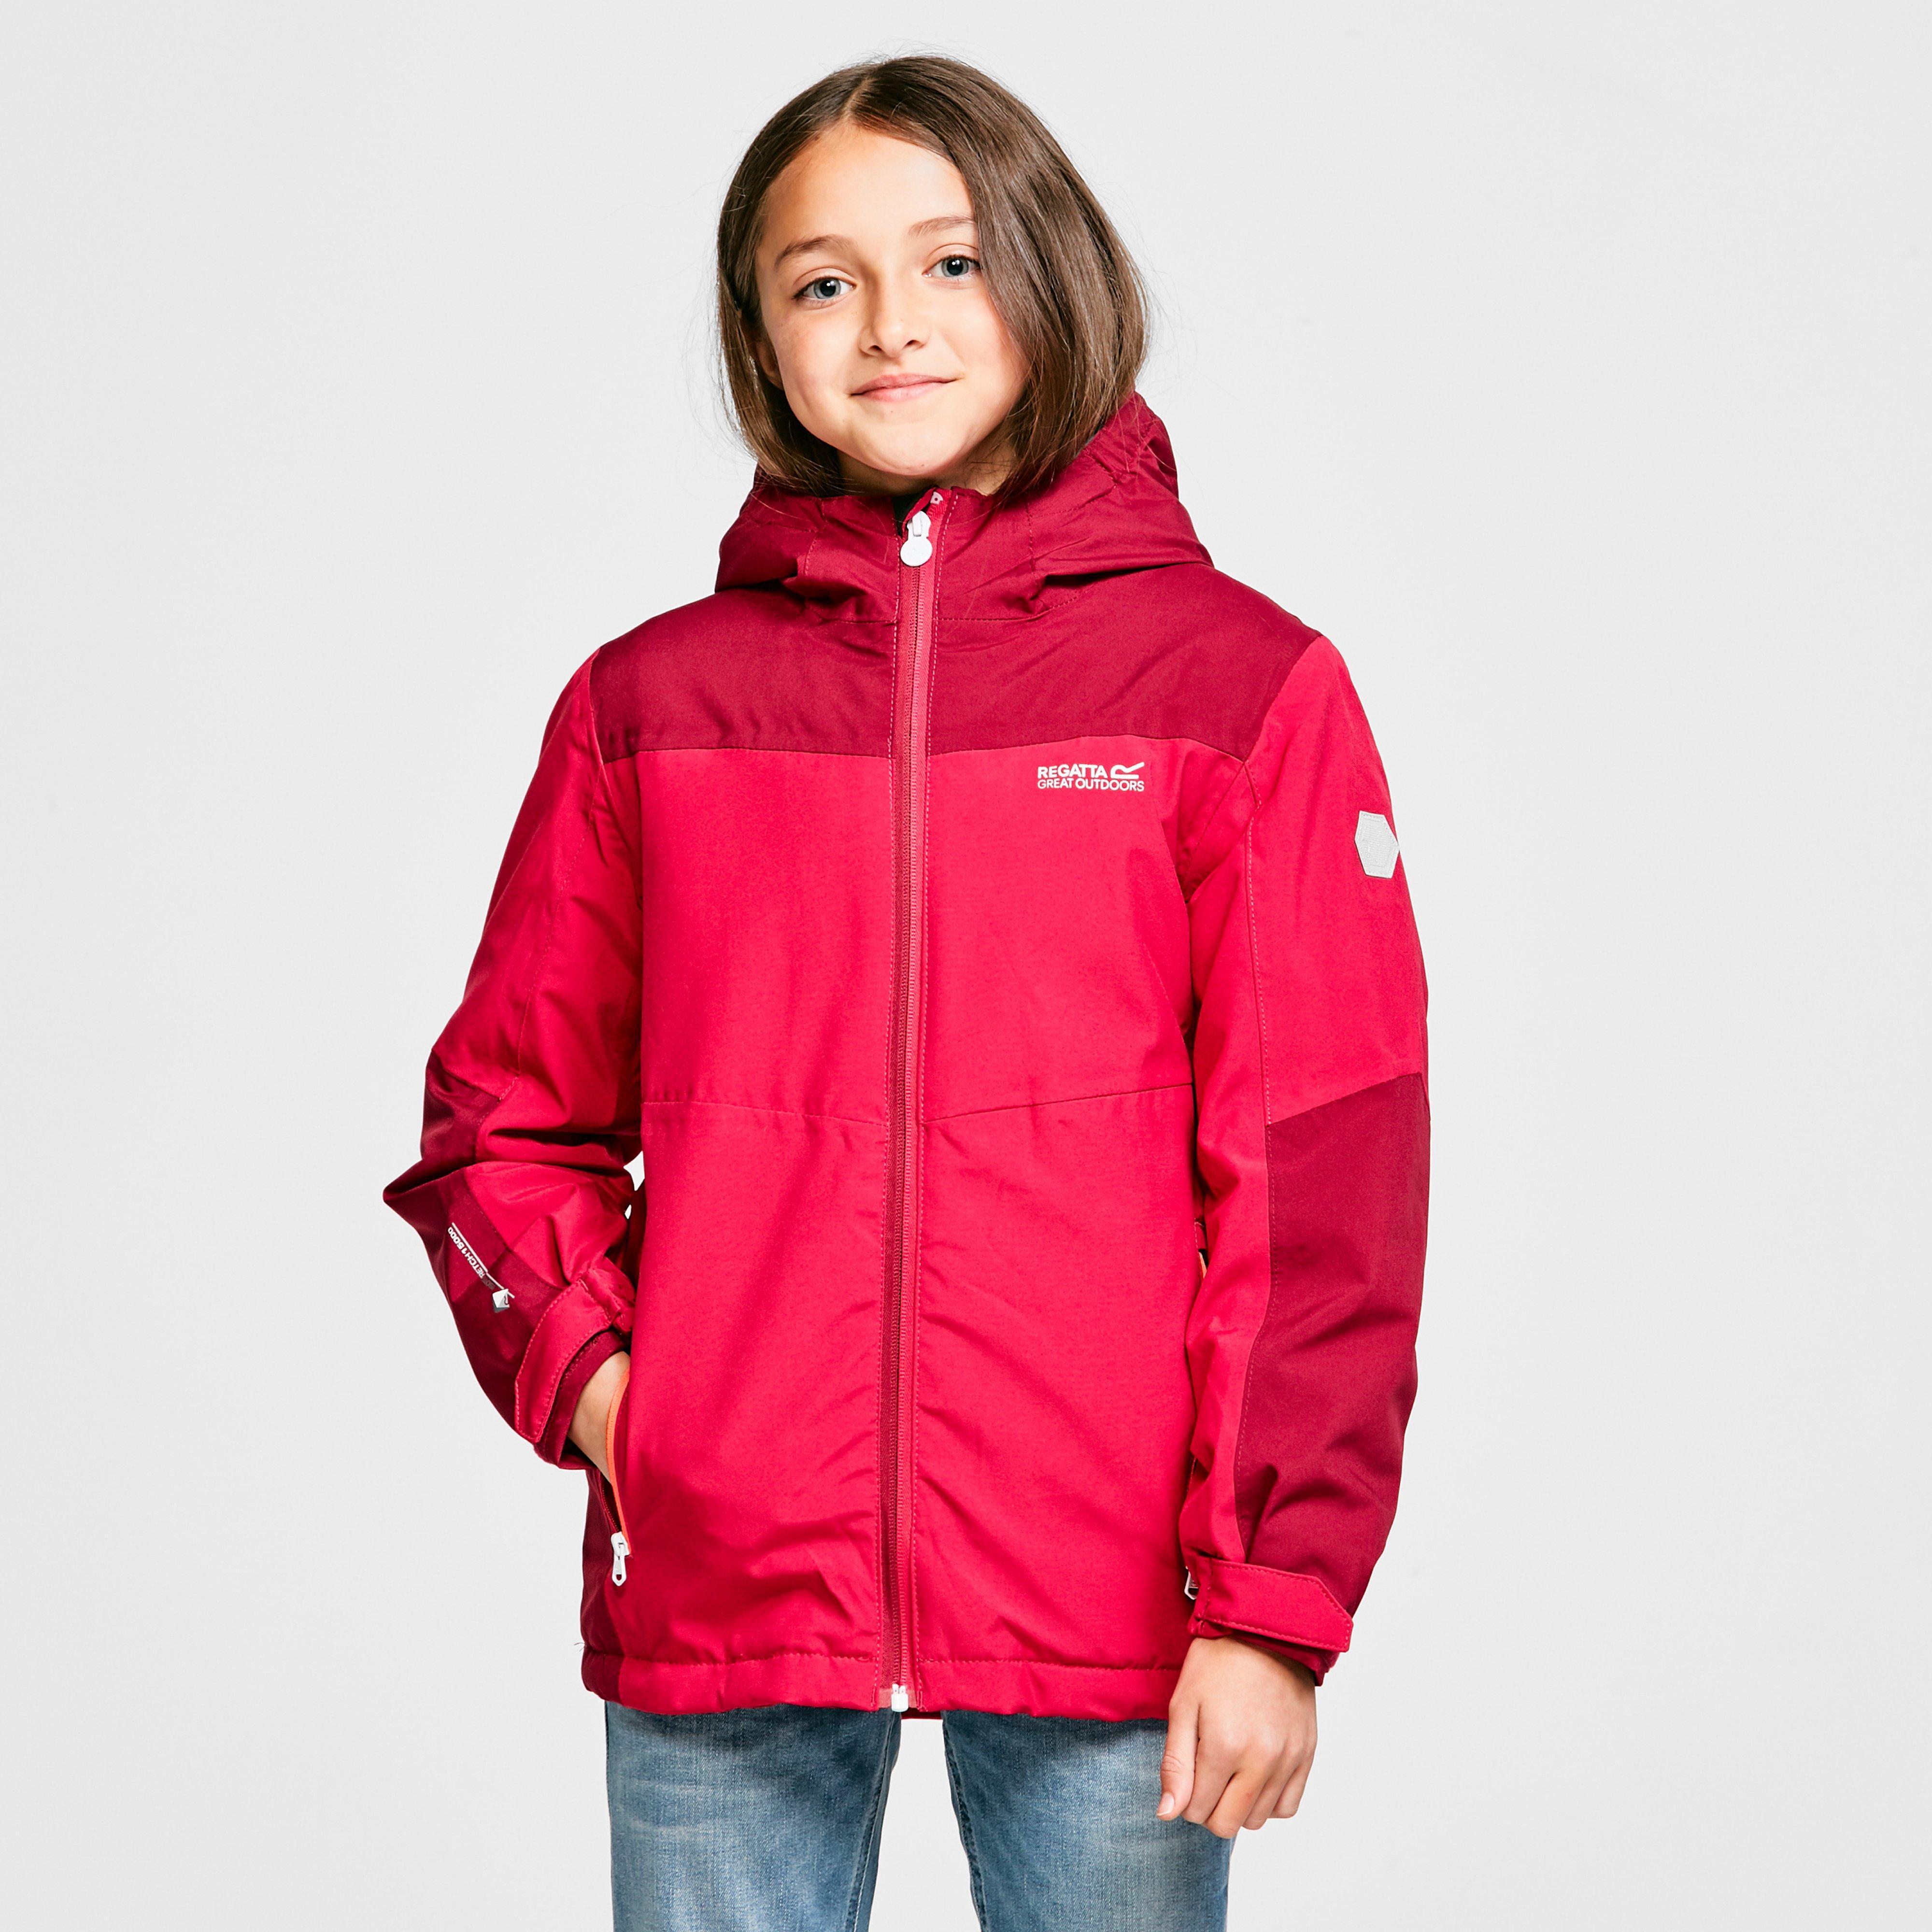 Image of Regatta Kids' Highton Insulated Jacket - Pink/Pnk, Pink/PNK